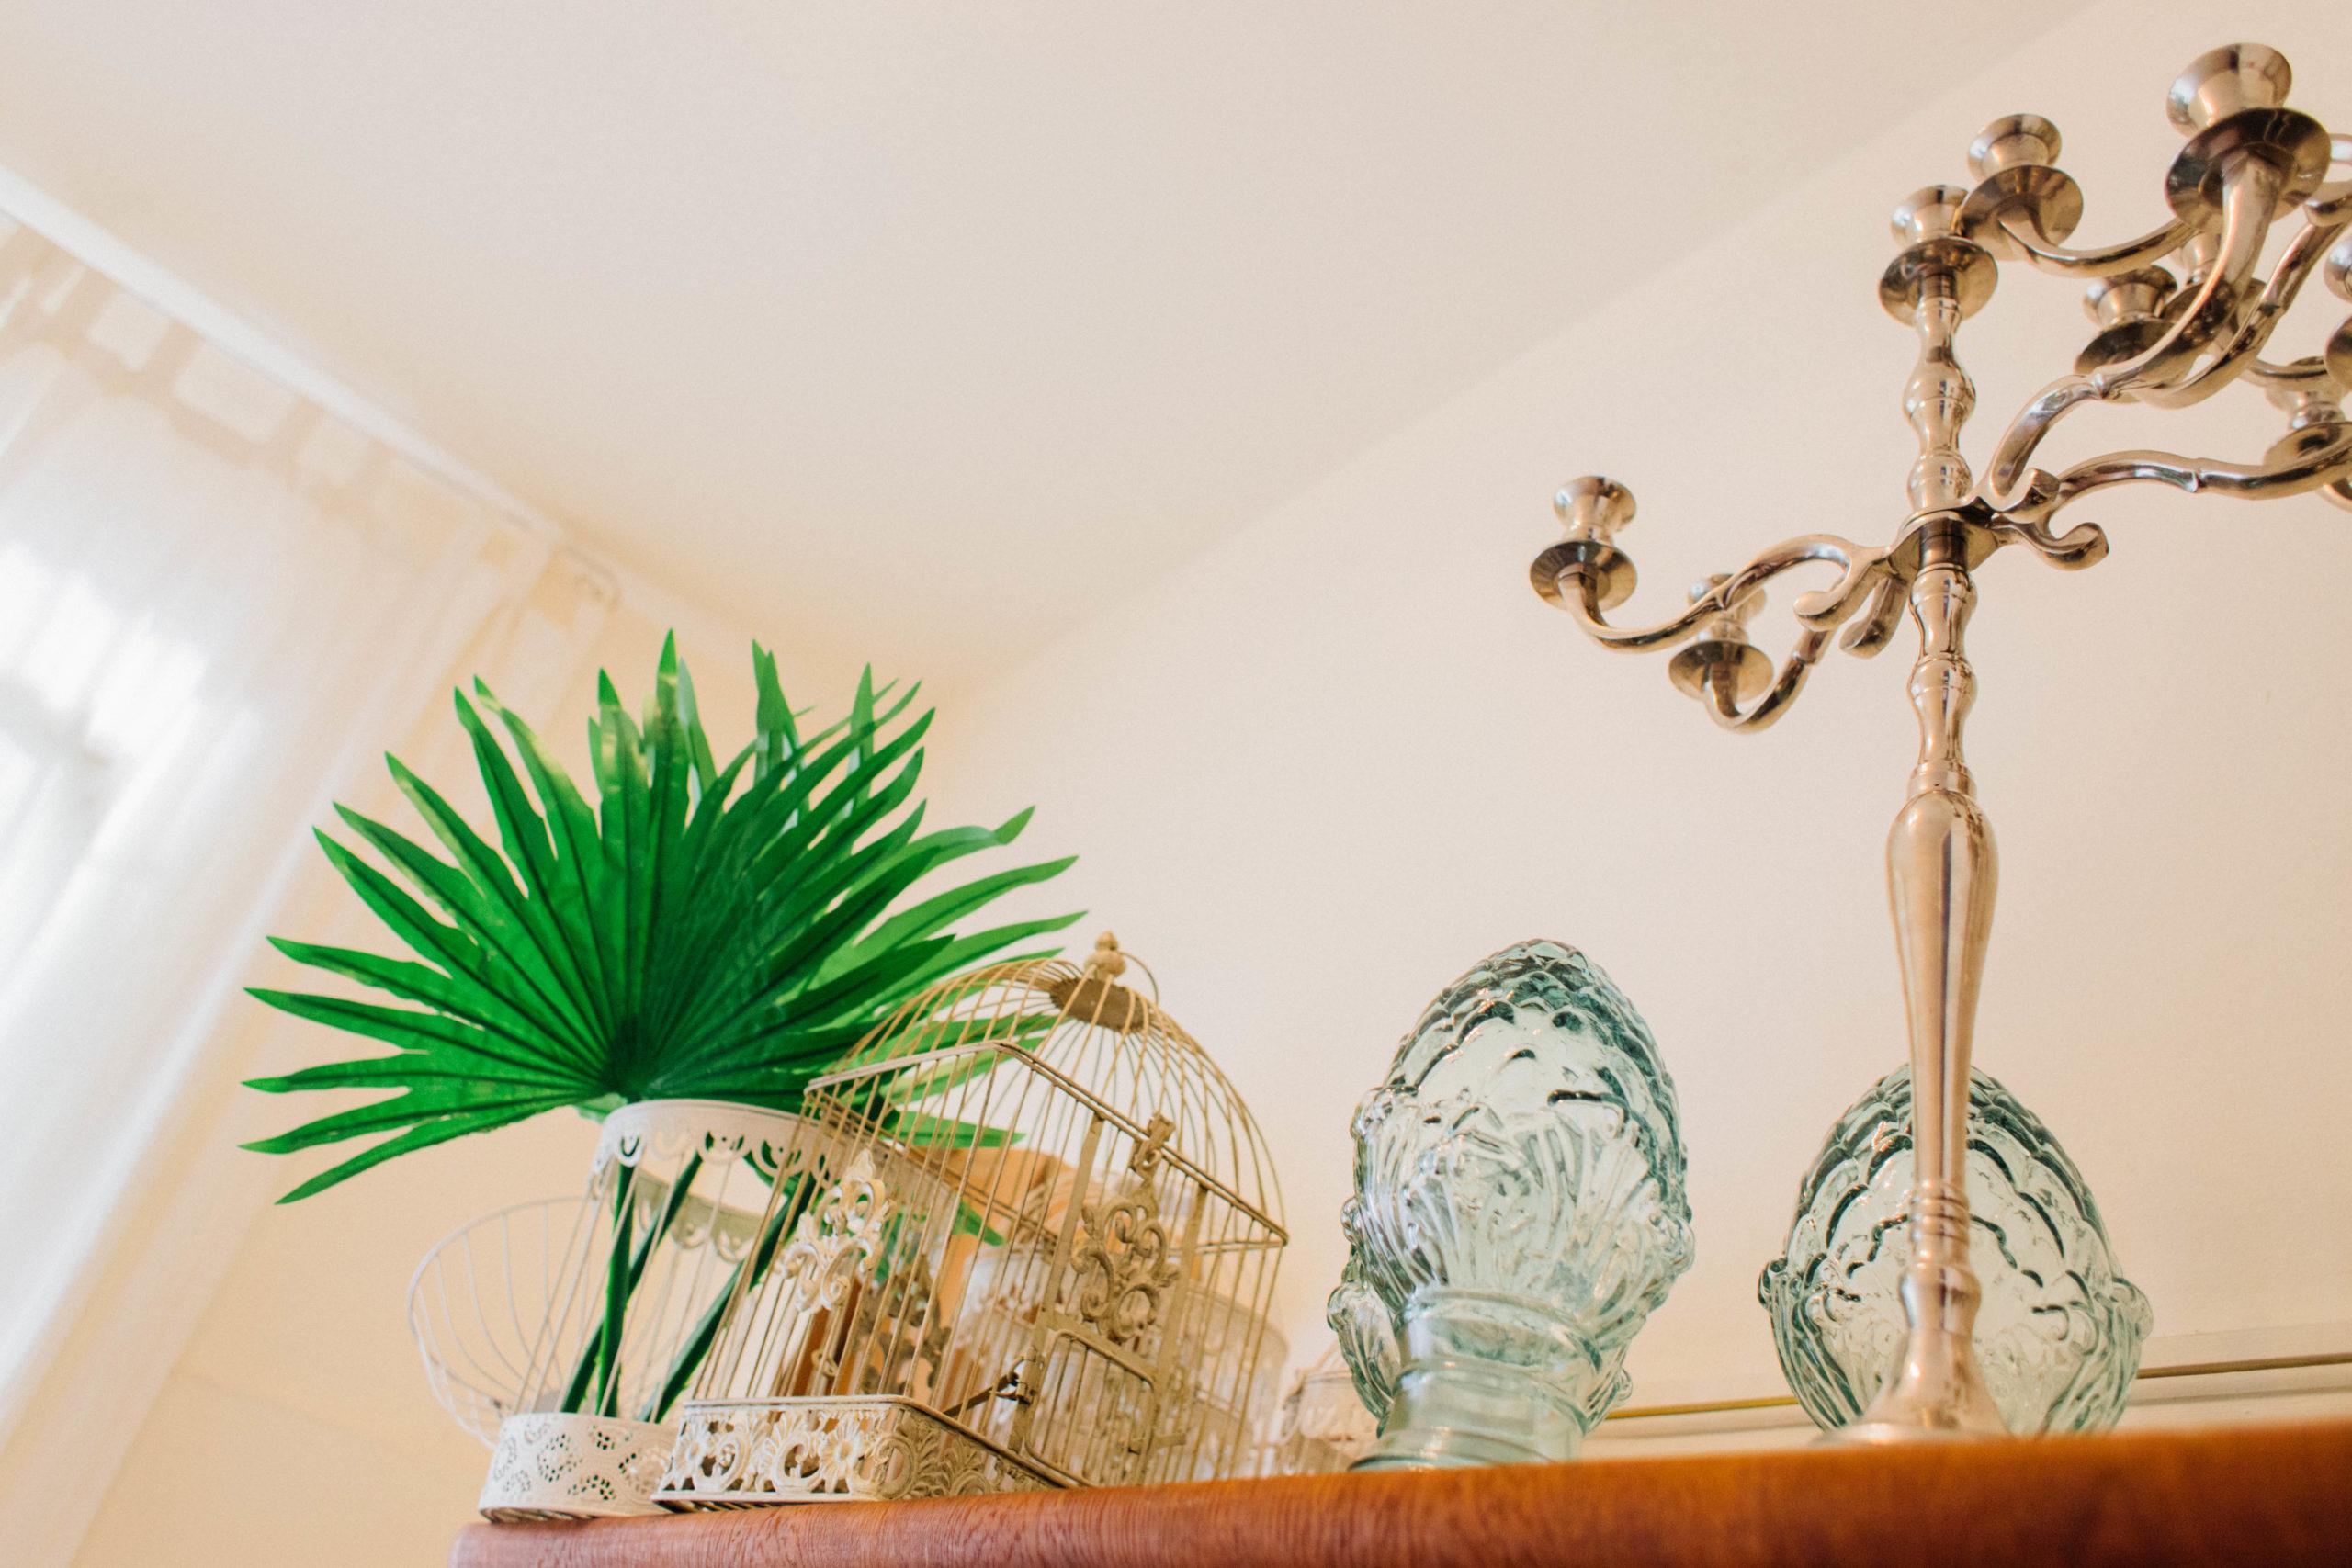 Schlosscafé im Palmenhaus, Herrenzimmer